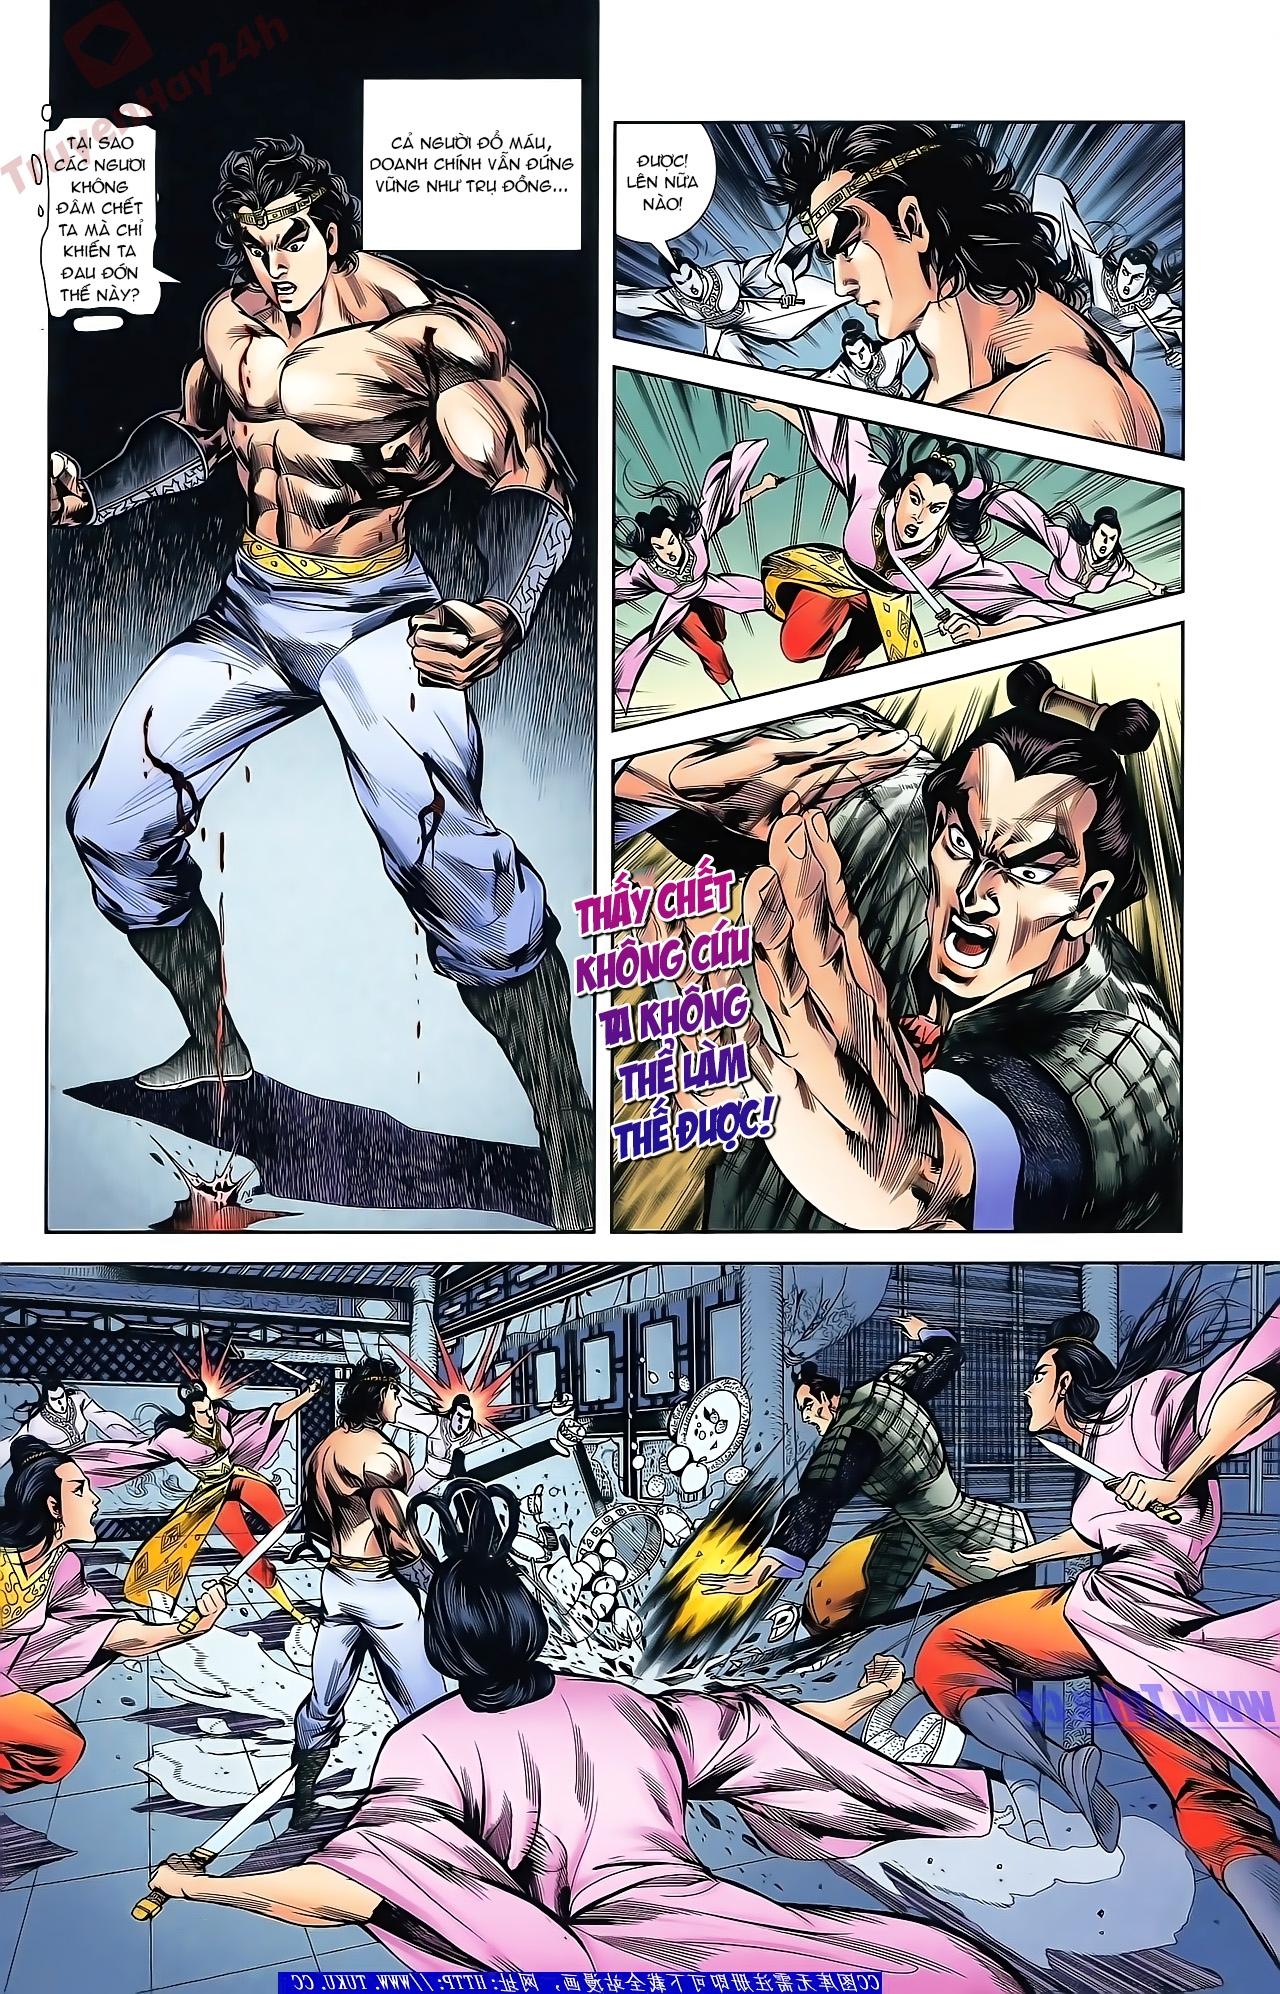 Tần Vương Doanh Chính chapter 43 trang 12